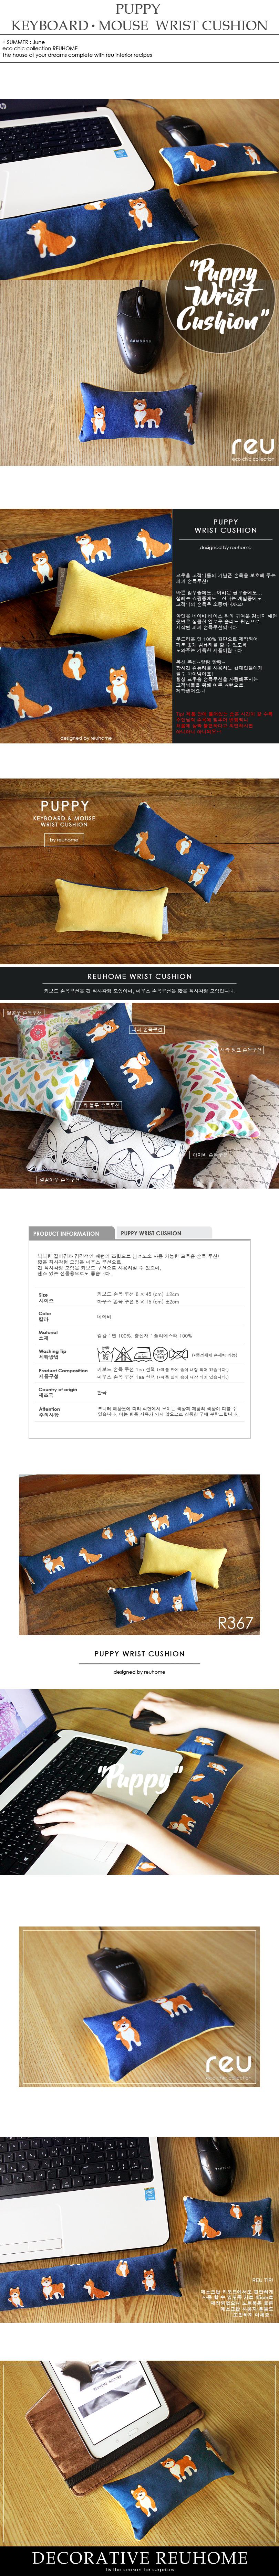 퍼피 키보드or마우스 손목쿠션 - 르우홈, 4,000원, 키보드/마우스 용품, 손목보호 쿠션